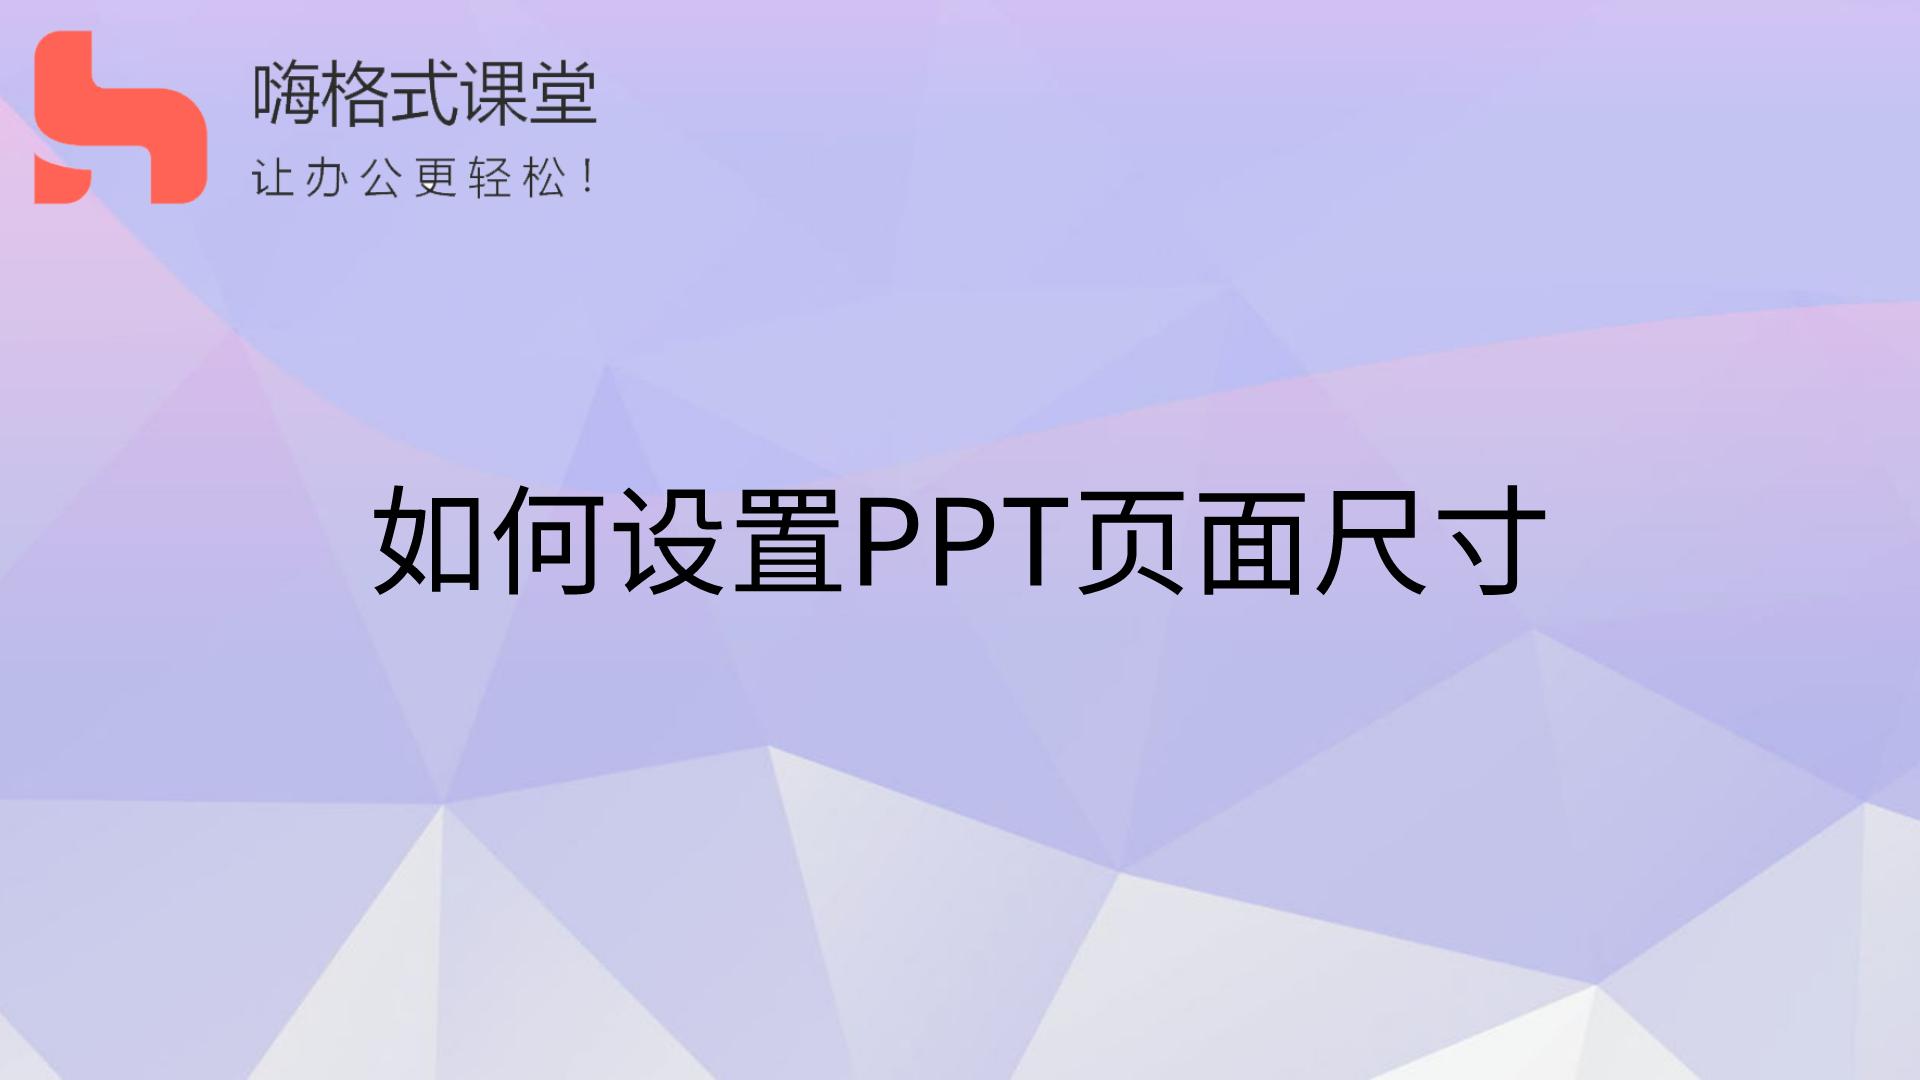 如何设置PPT页面尺寸s